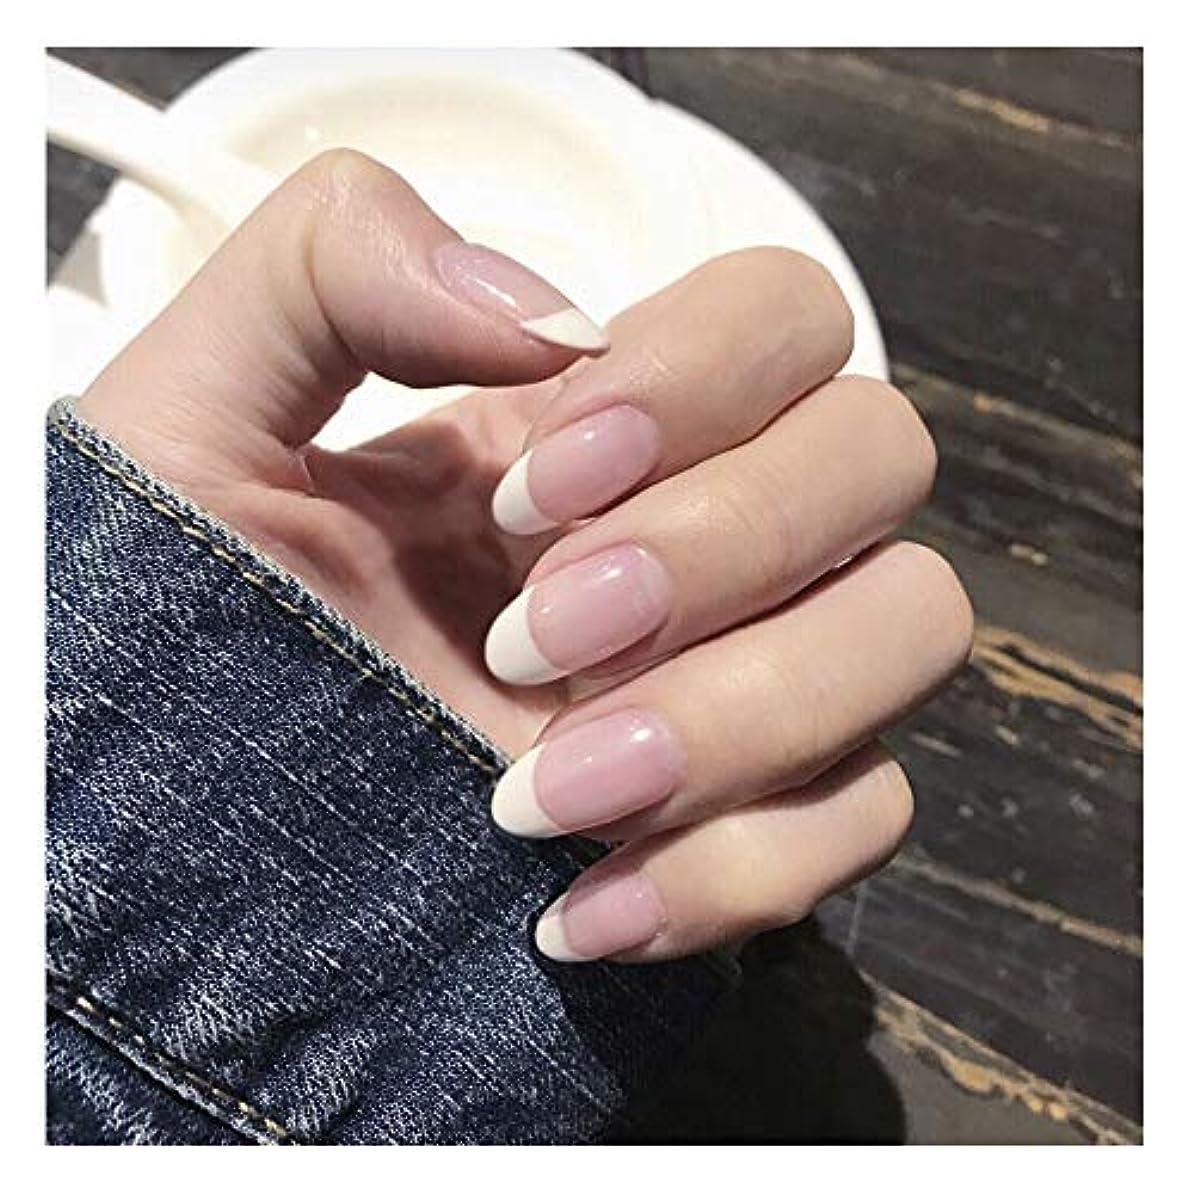 フィットネス対角線アンテナBOBIDYEE 透明ピンク+ホワイト下部偽爪ロングネイルズグルー完成ネイル偽爪を指摘しました (色 : 24 pieces)